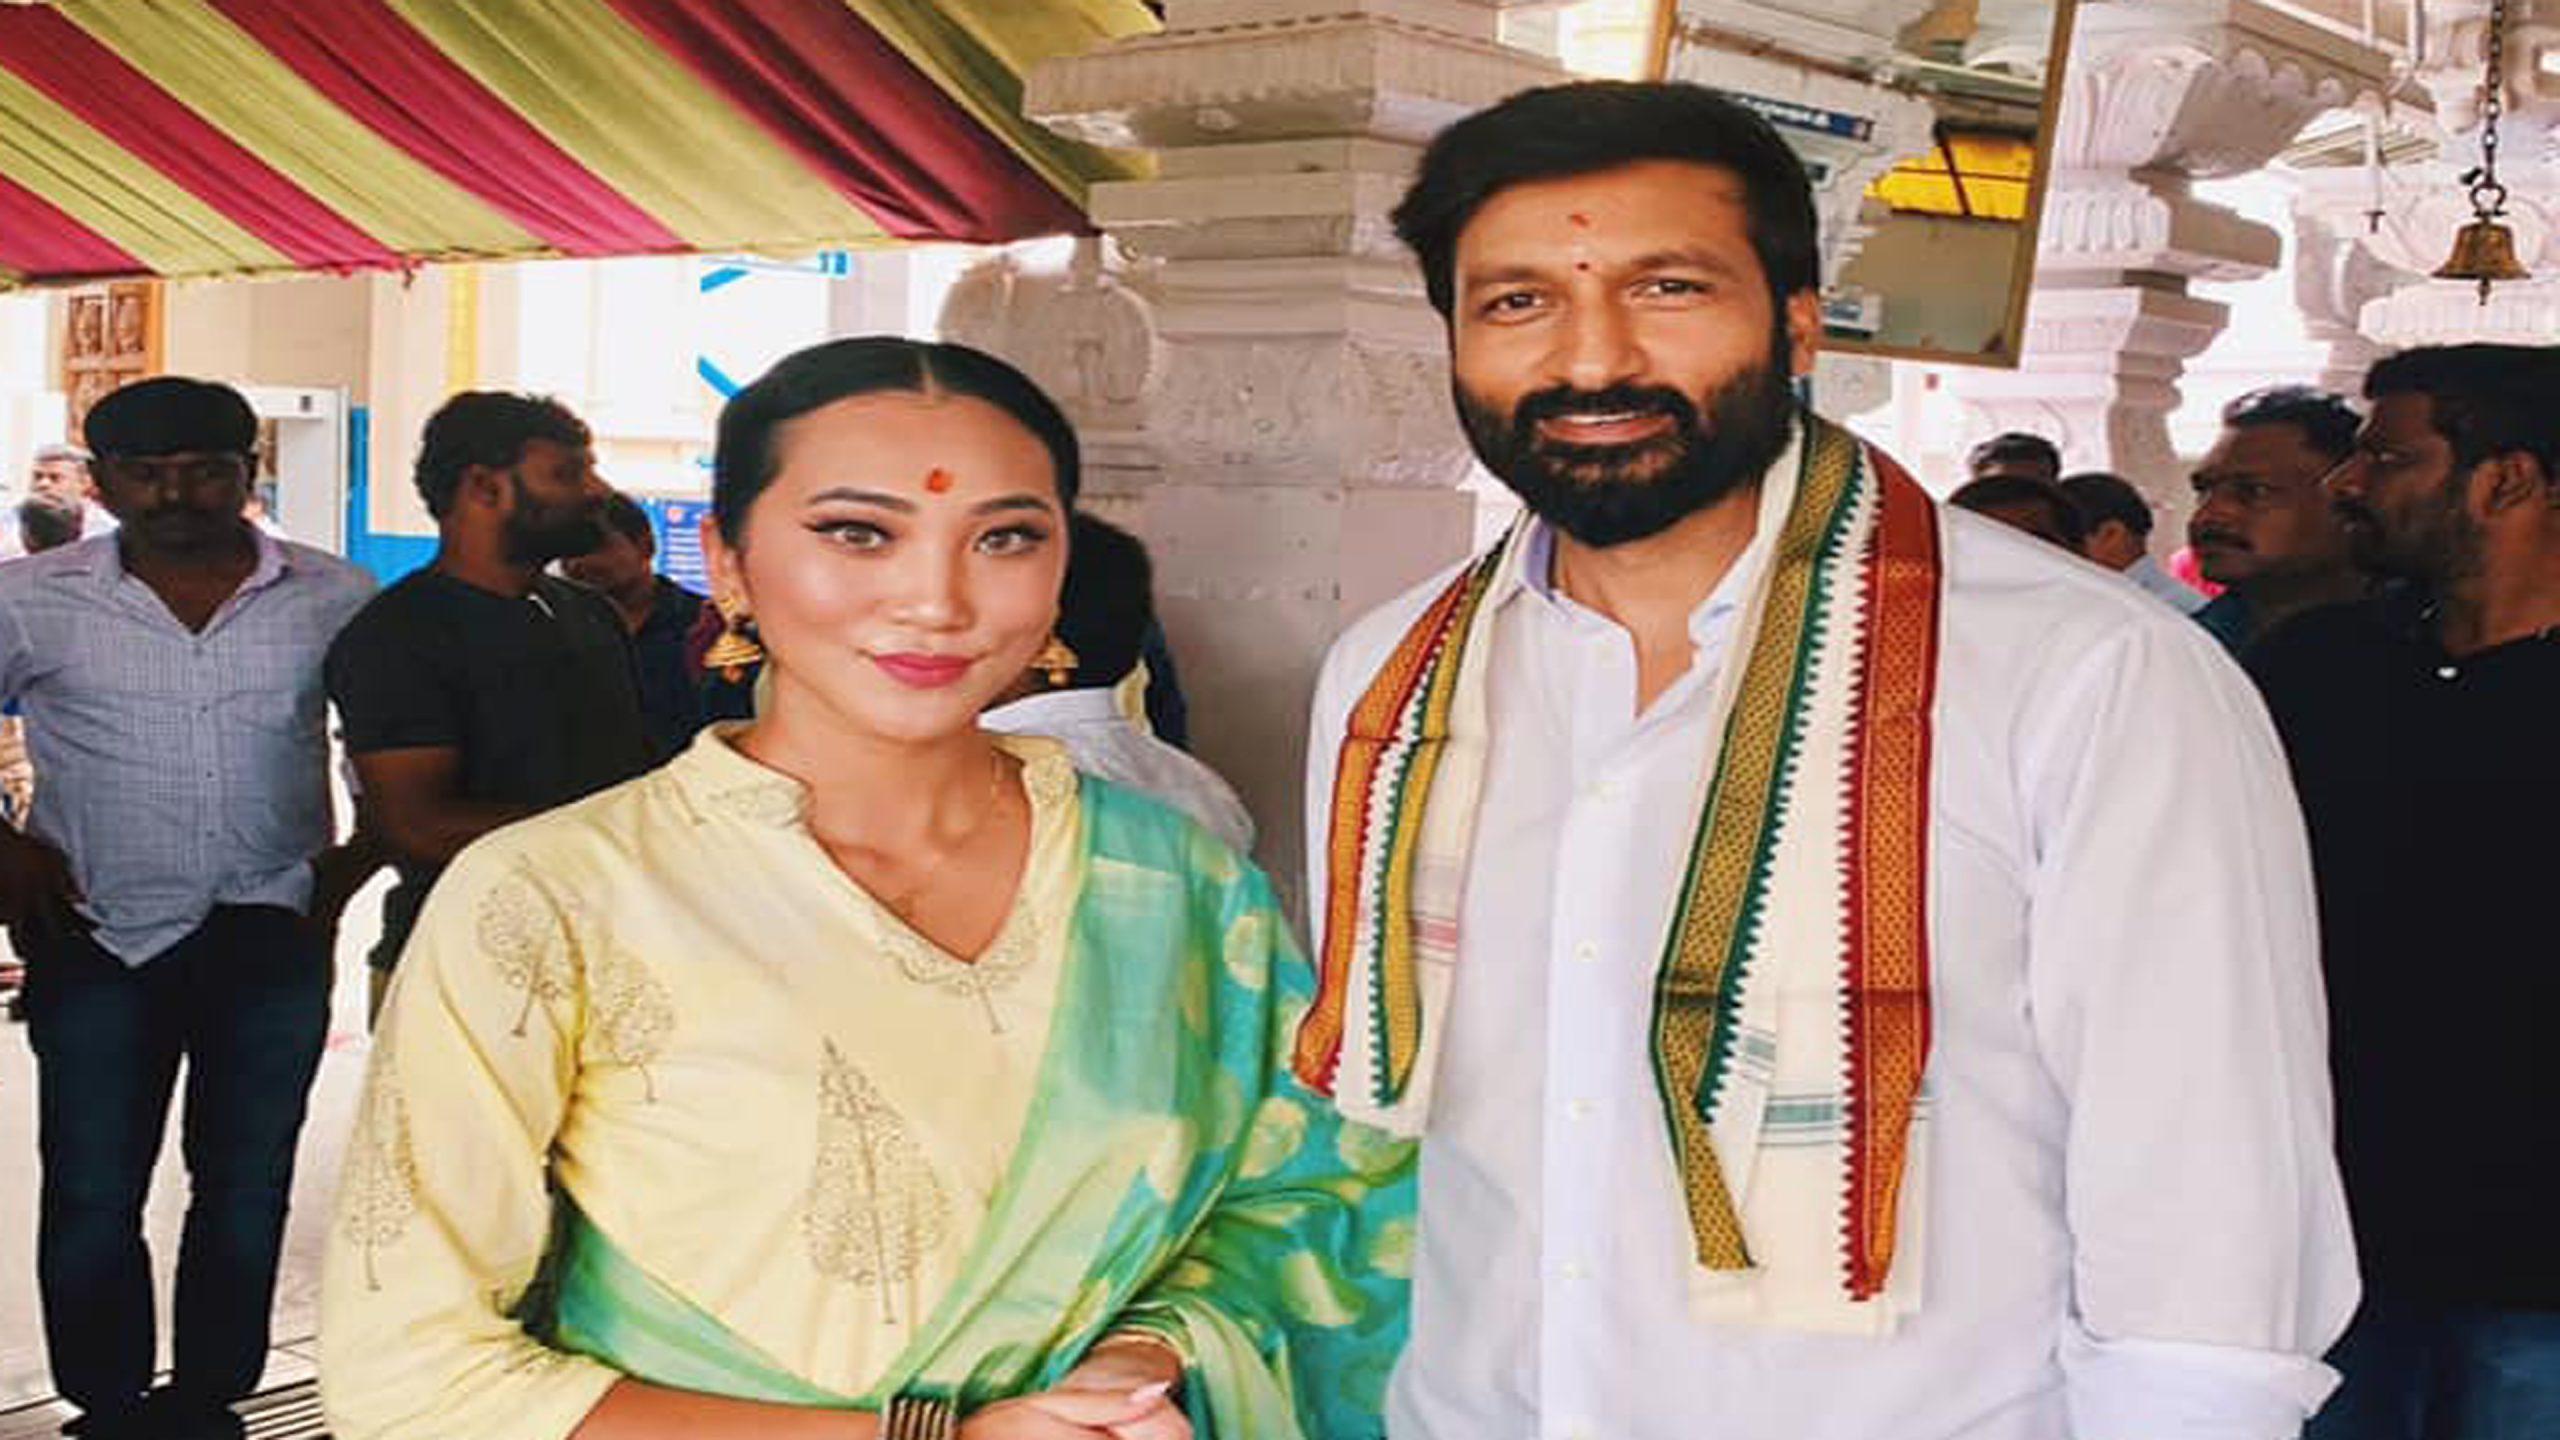 बोल्ड नायिका पारामिता आरएल राणा साउथ ईन्डियन फिल्ममा डेबिउ गर्दै